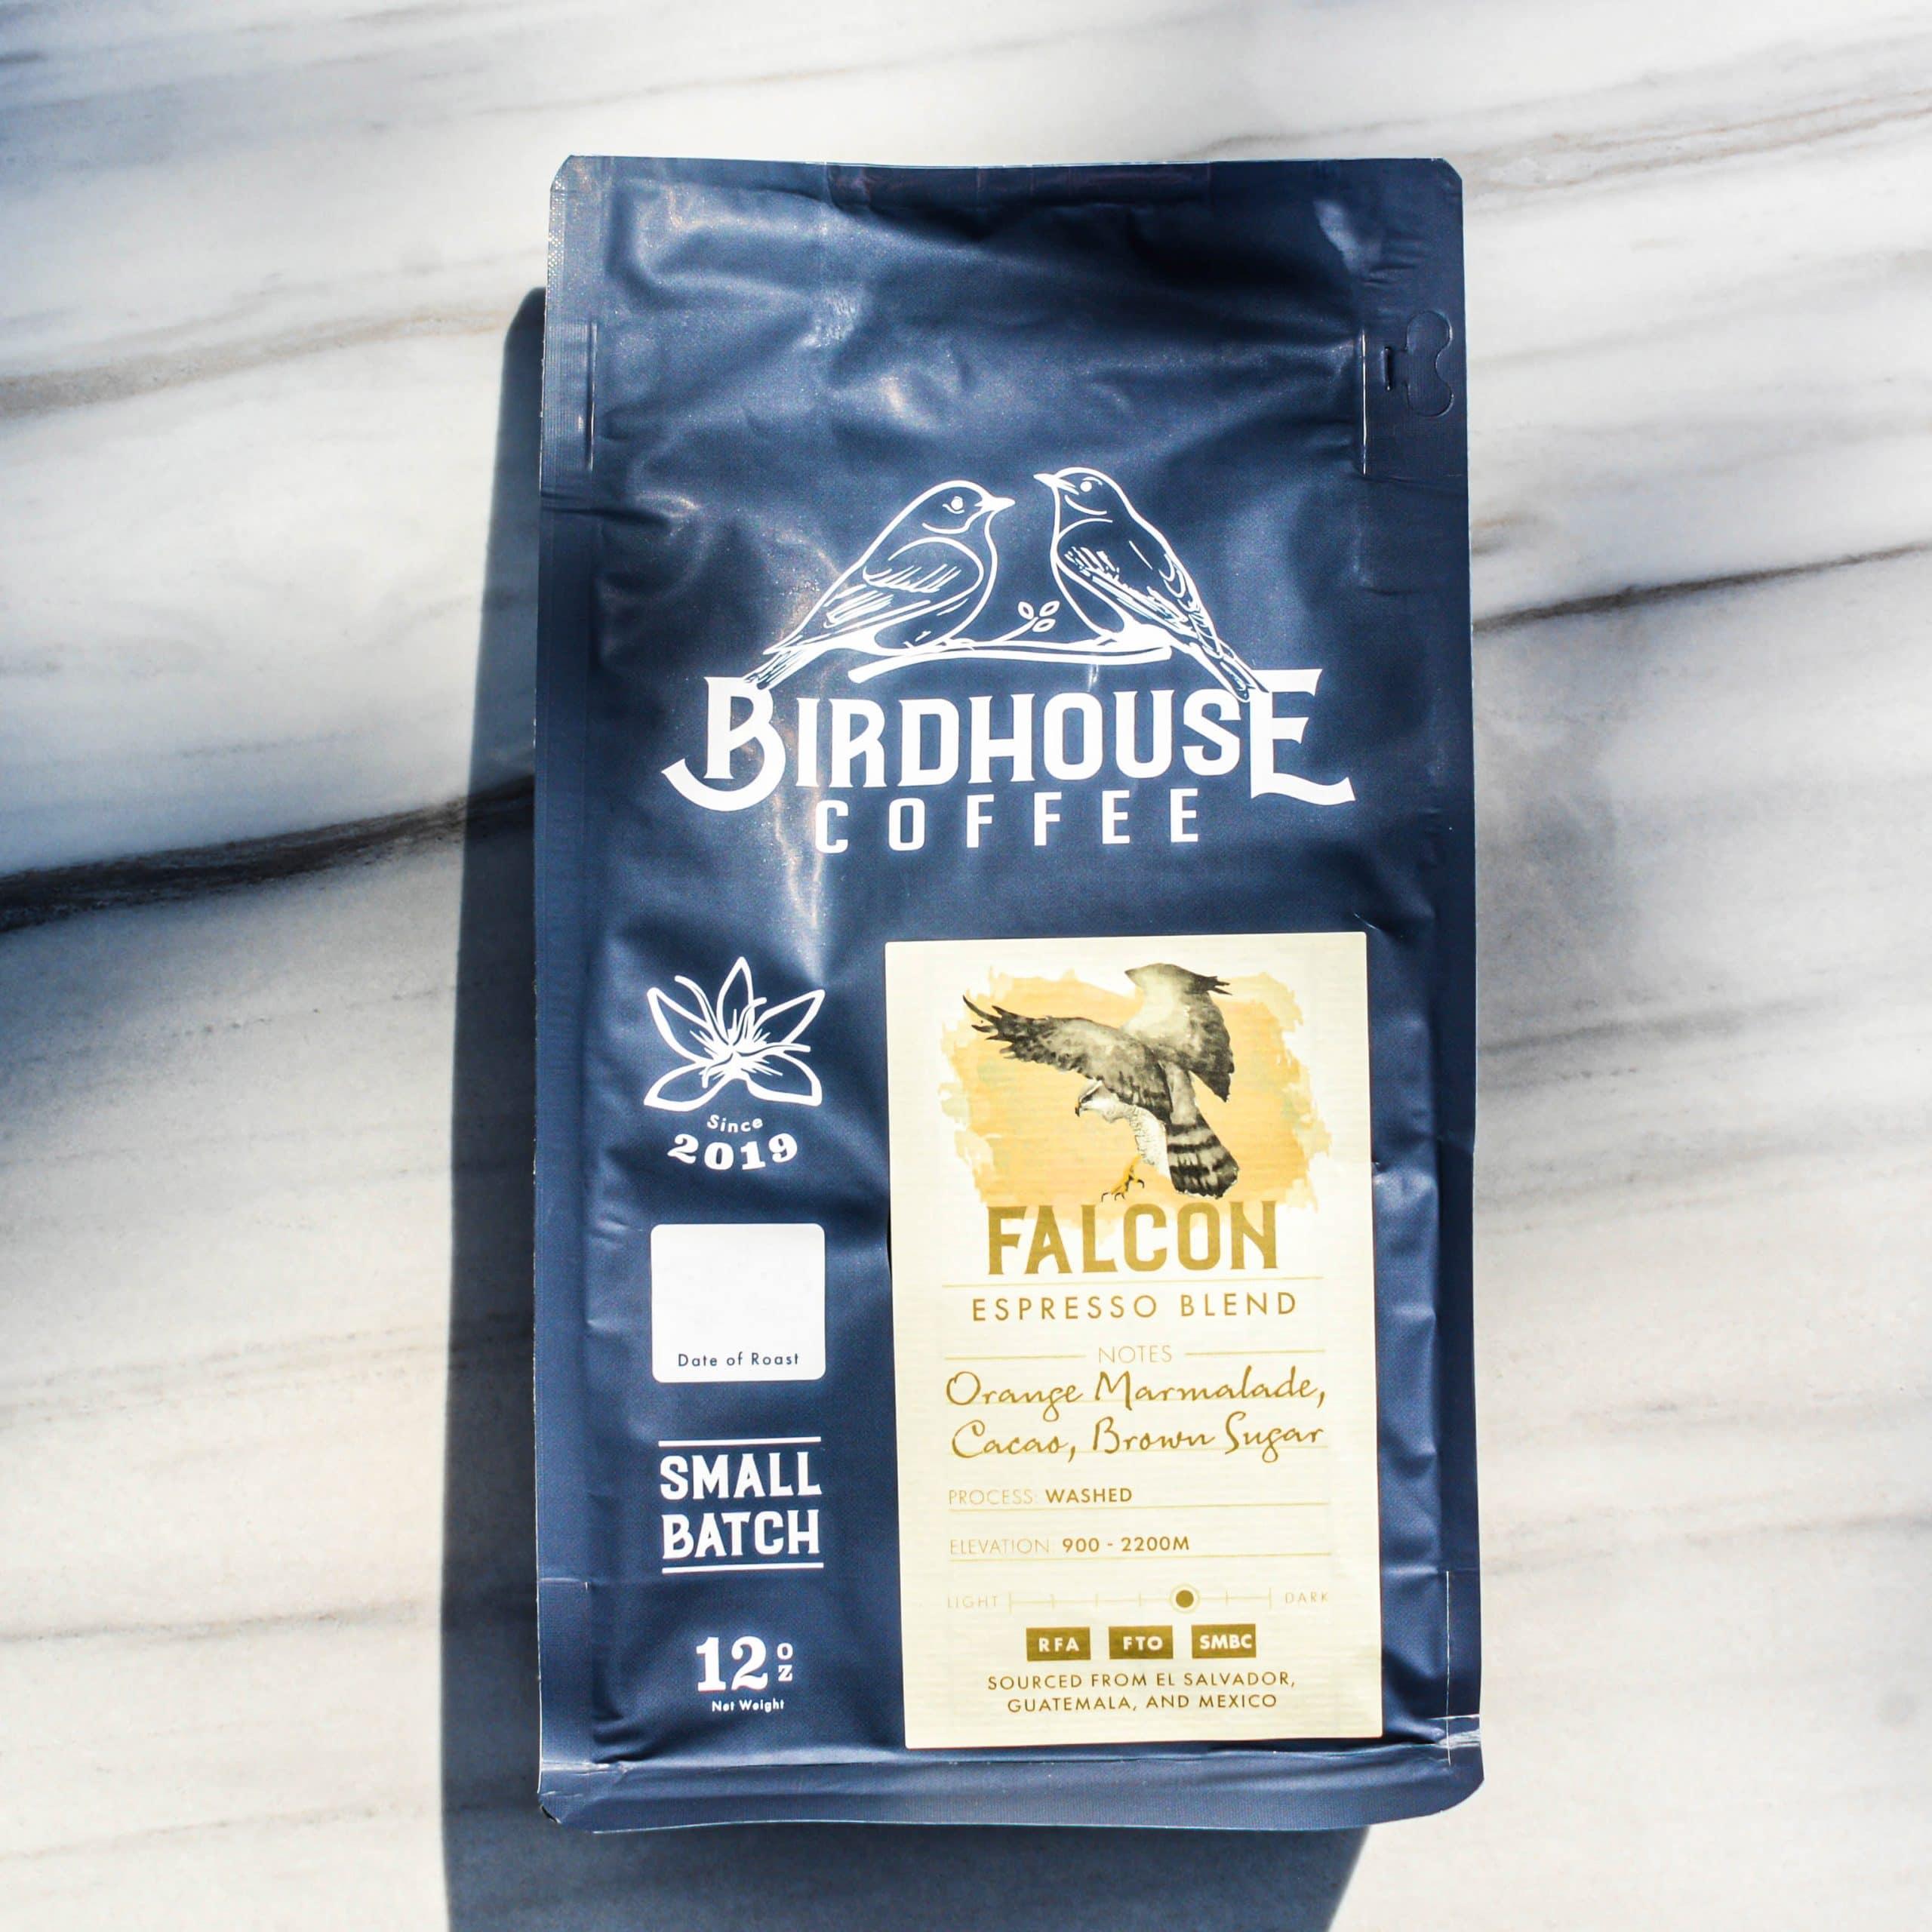 Falcon – Espresso Blend